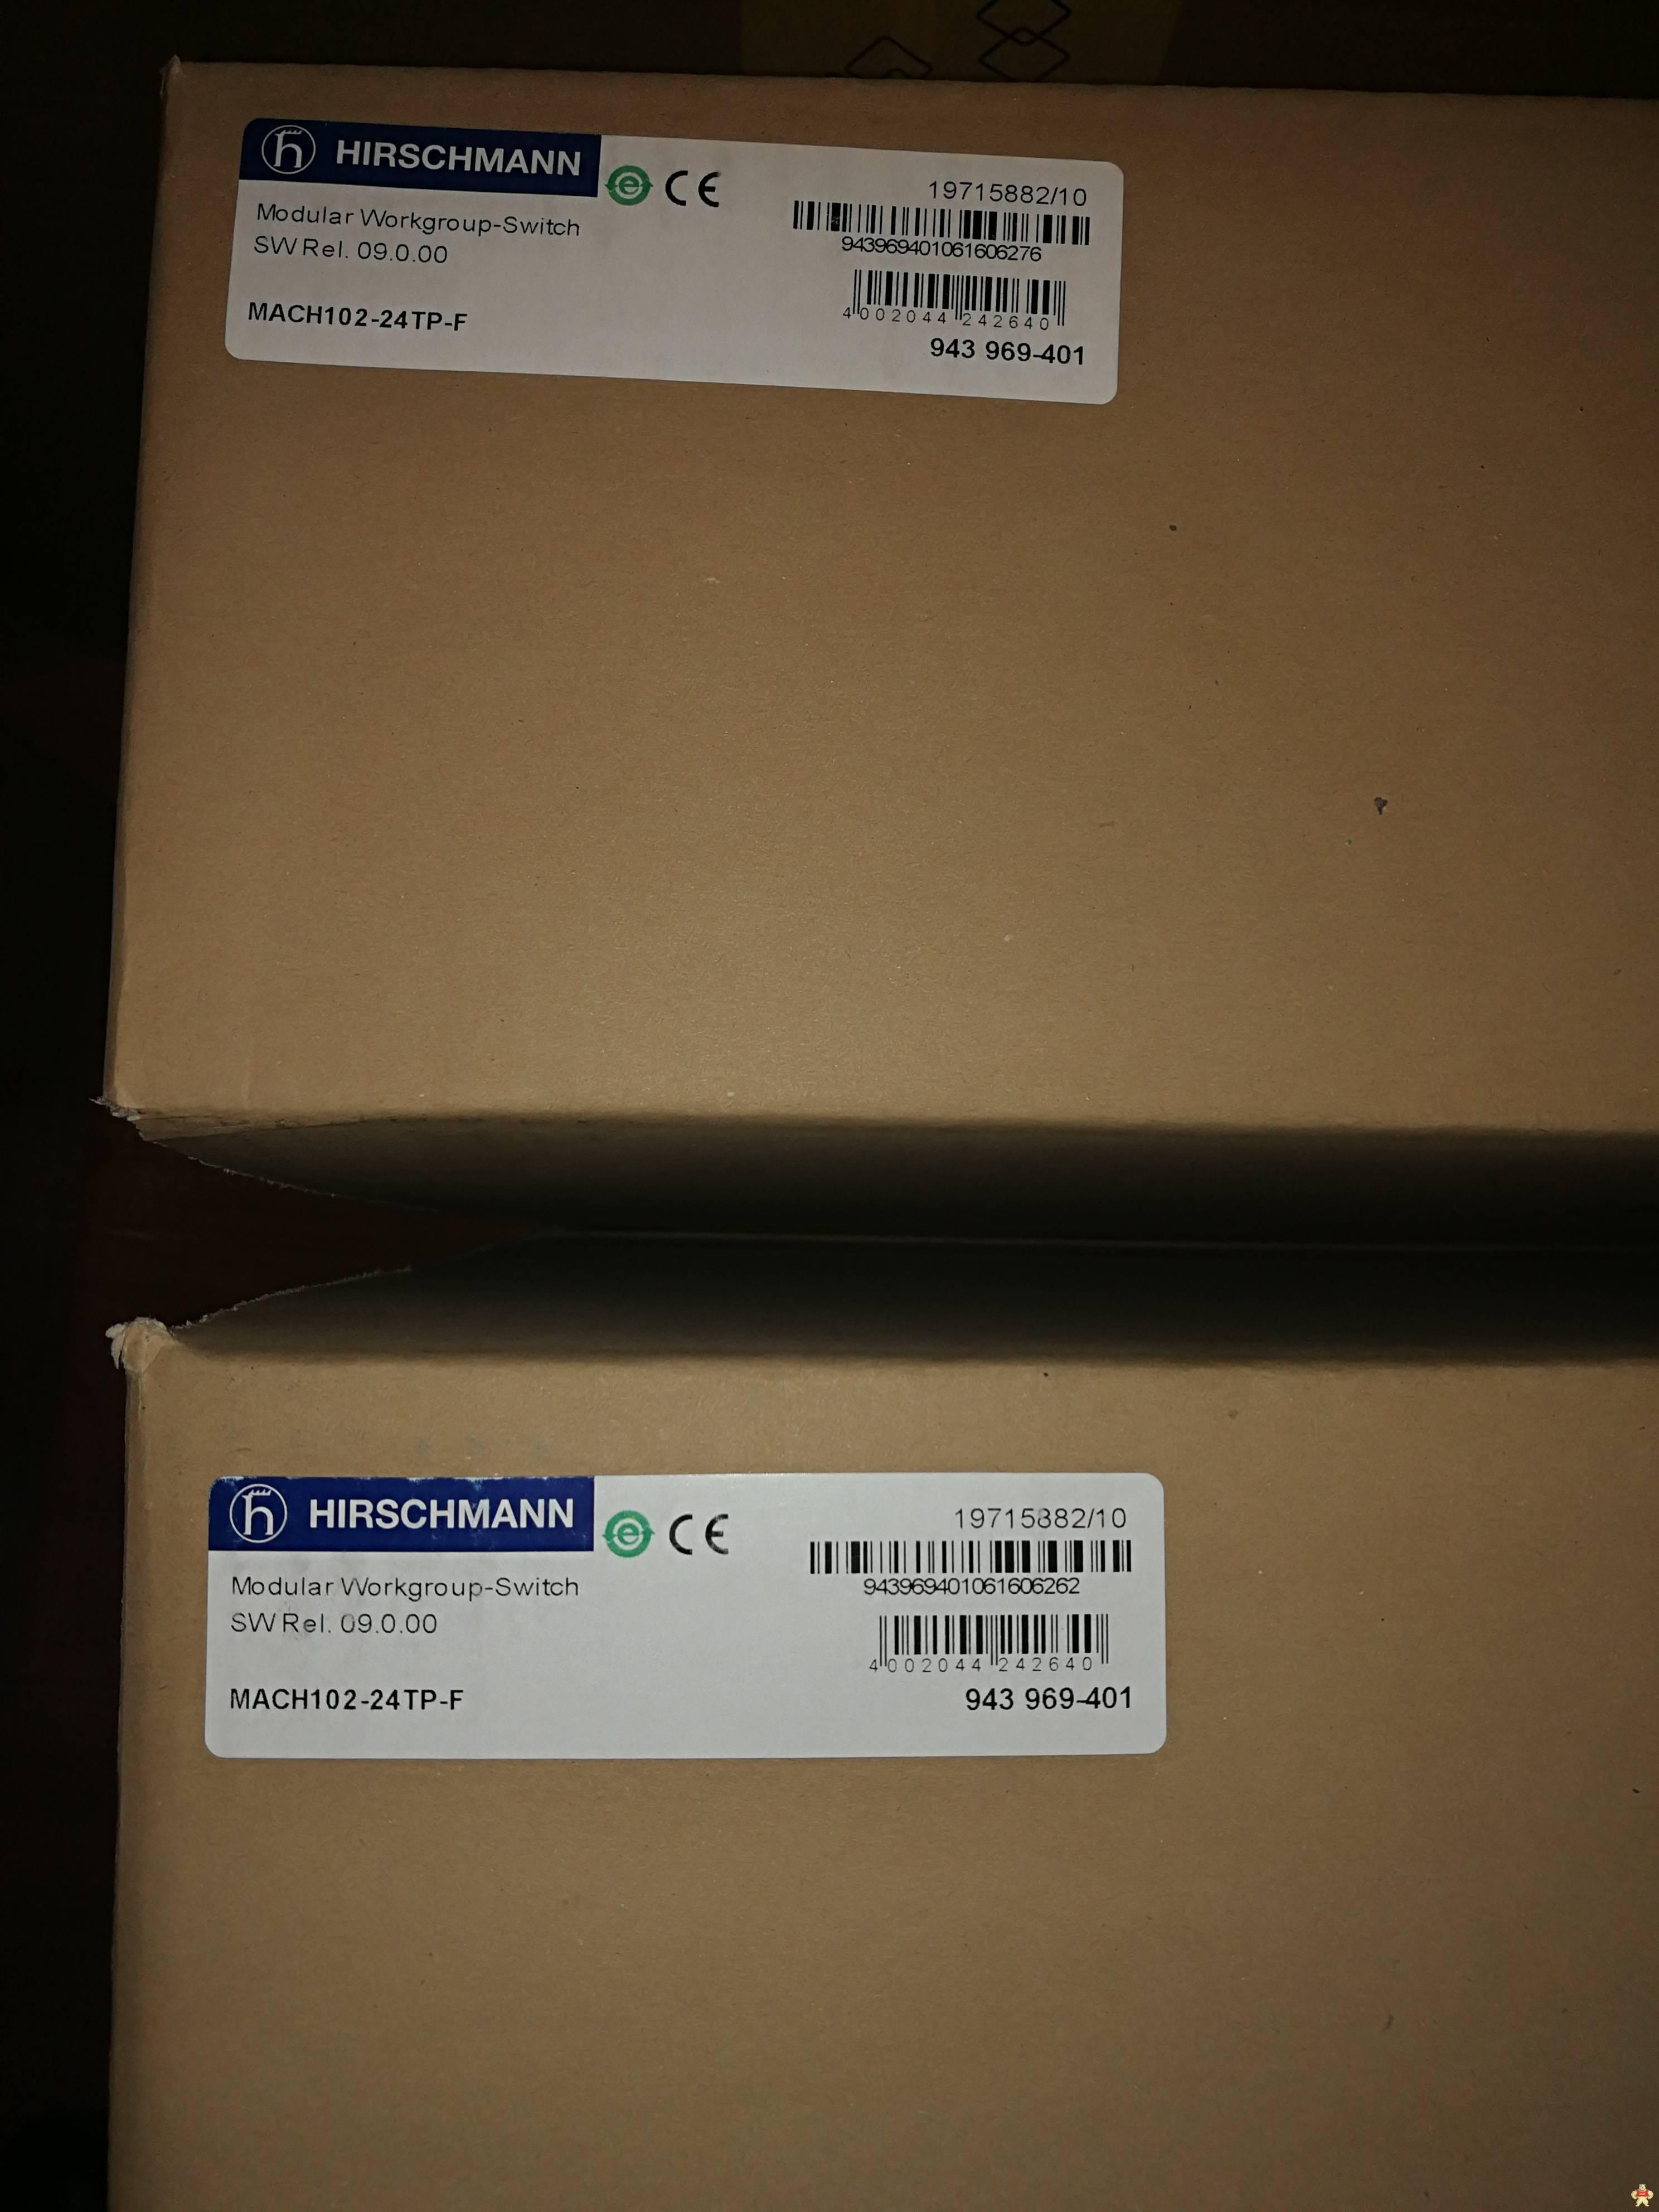 MACH102-24TP-F 赫斯曼交换机 MACH102-24TP-F,赫斯曼交换机,赫斯曼,赫斯曼工业交换机,工业交换机